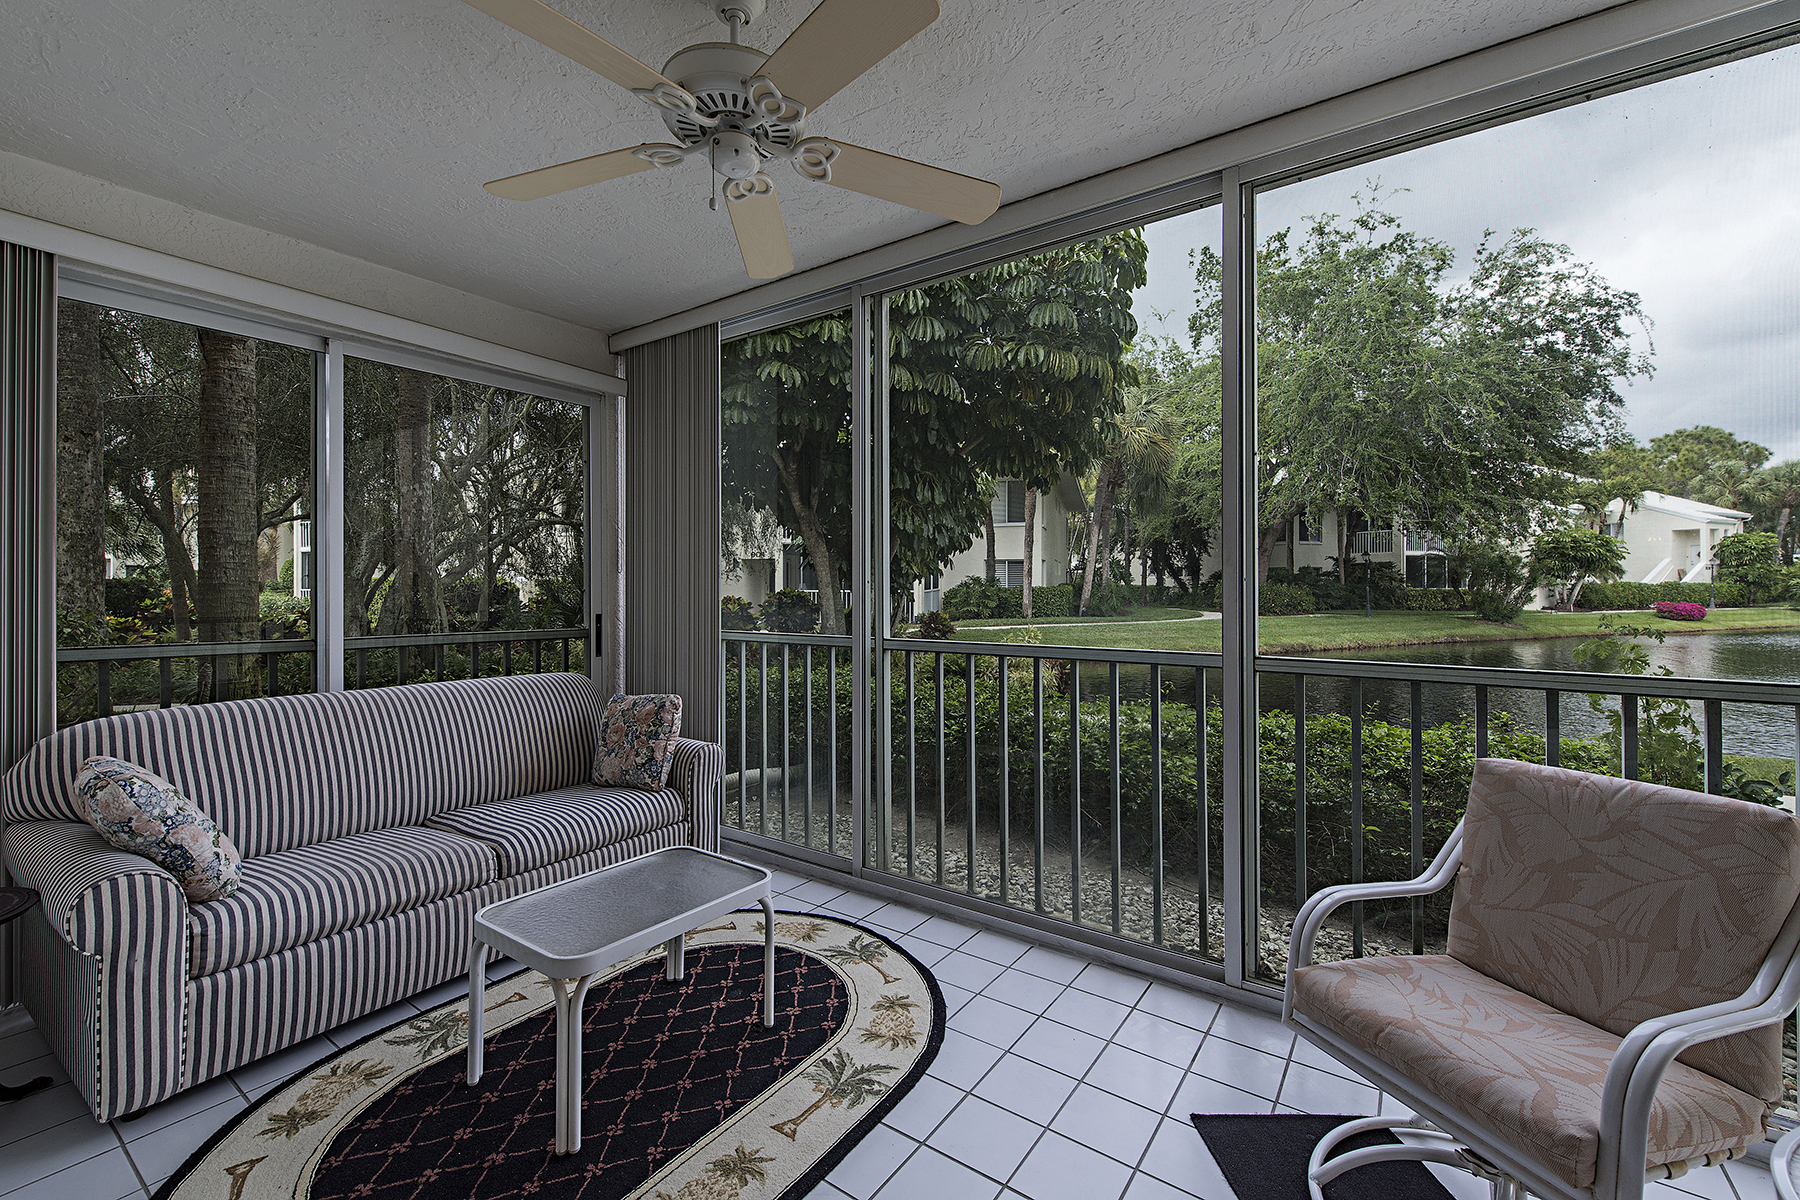 Eigentumswohnung für Verkauf beim PELICAN BAY - WILLOW BROOK 790 Willowbrook Dr 304 Naples, Florida, 34108 Vereinigte Staaten